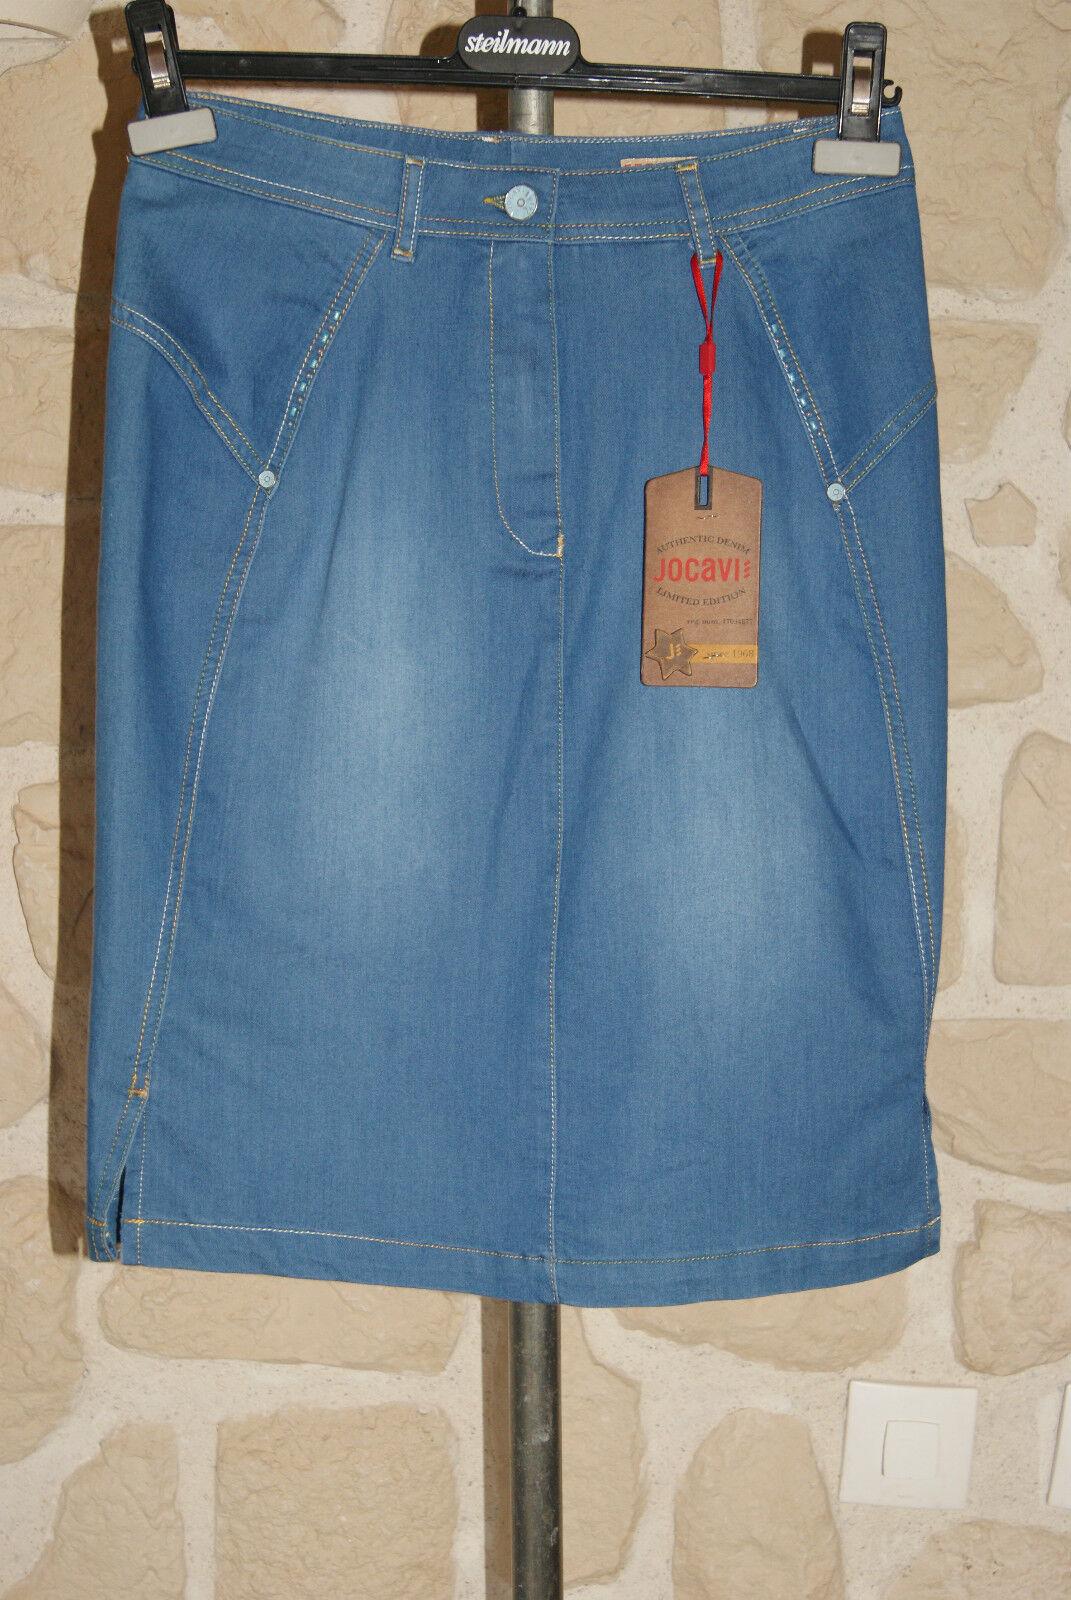 Jupe en jeans neuve size 42 marque JOCAVI étiqueté à